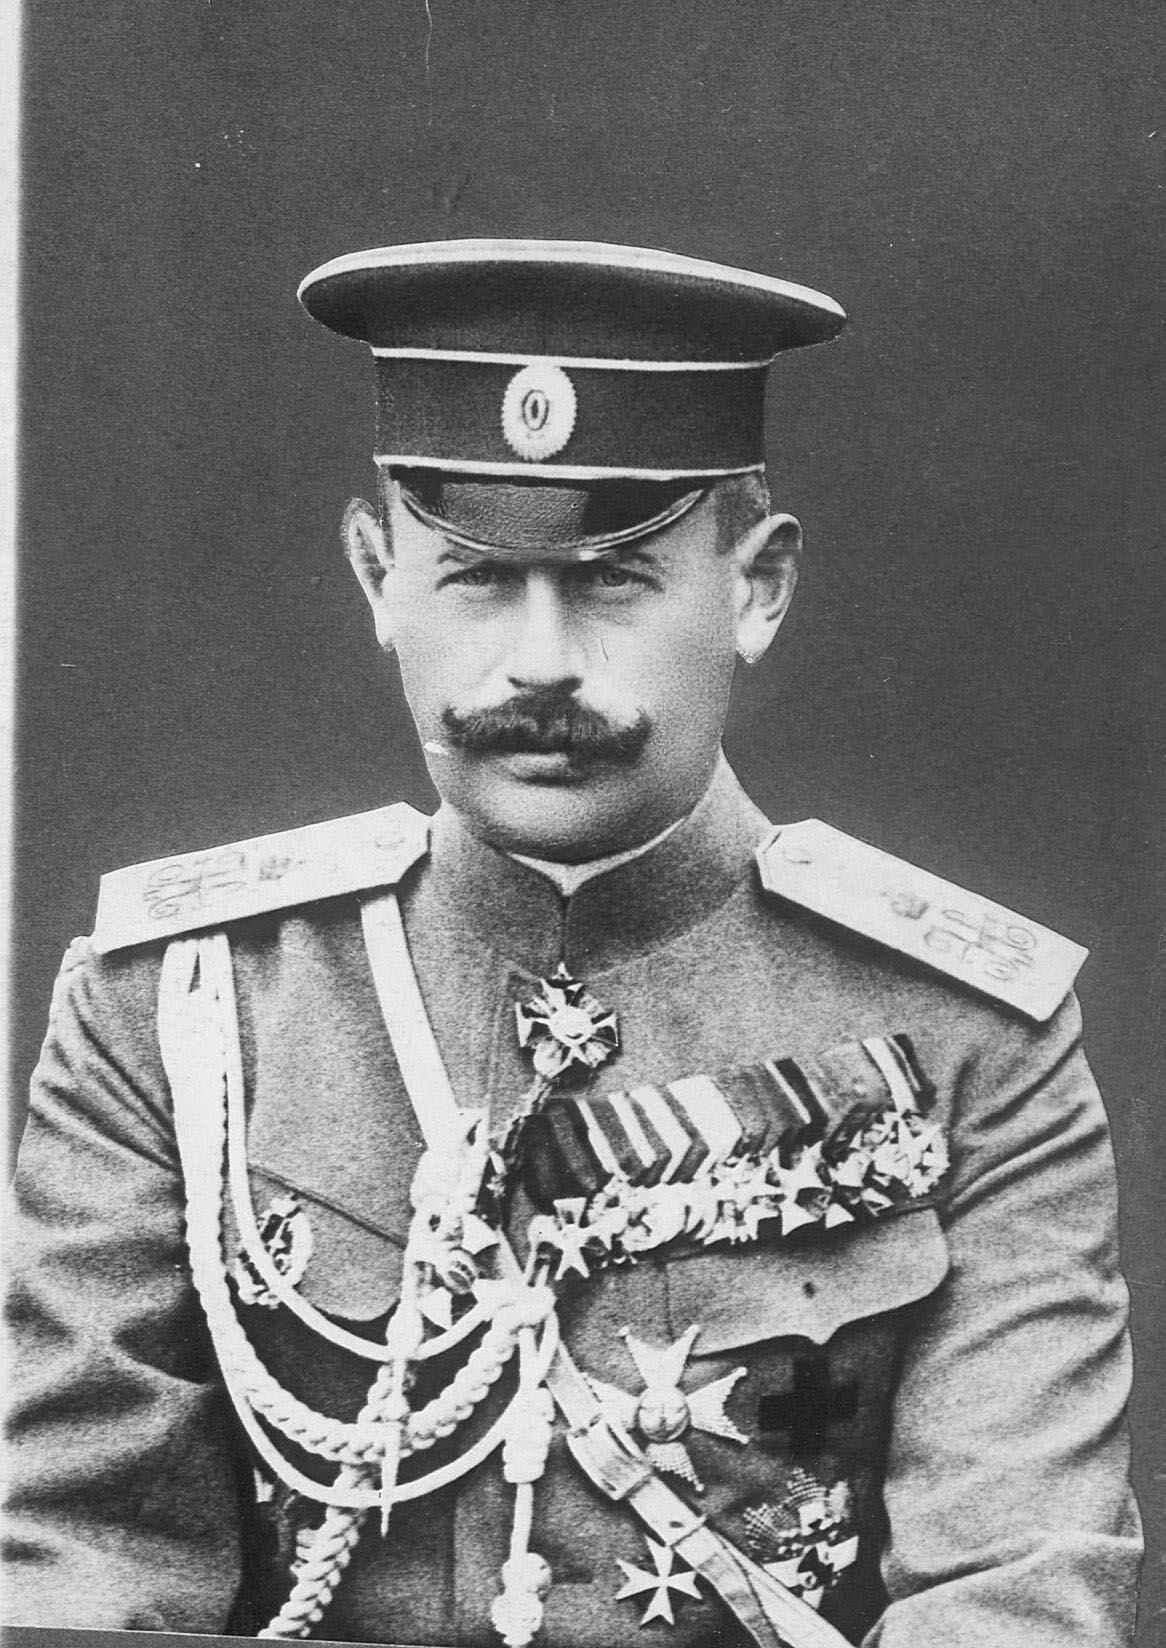 1913. Генерал-майор, адъютант его величества, командир Гусарского полка Владимир Николаевич Воейков